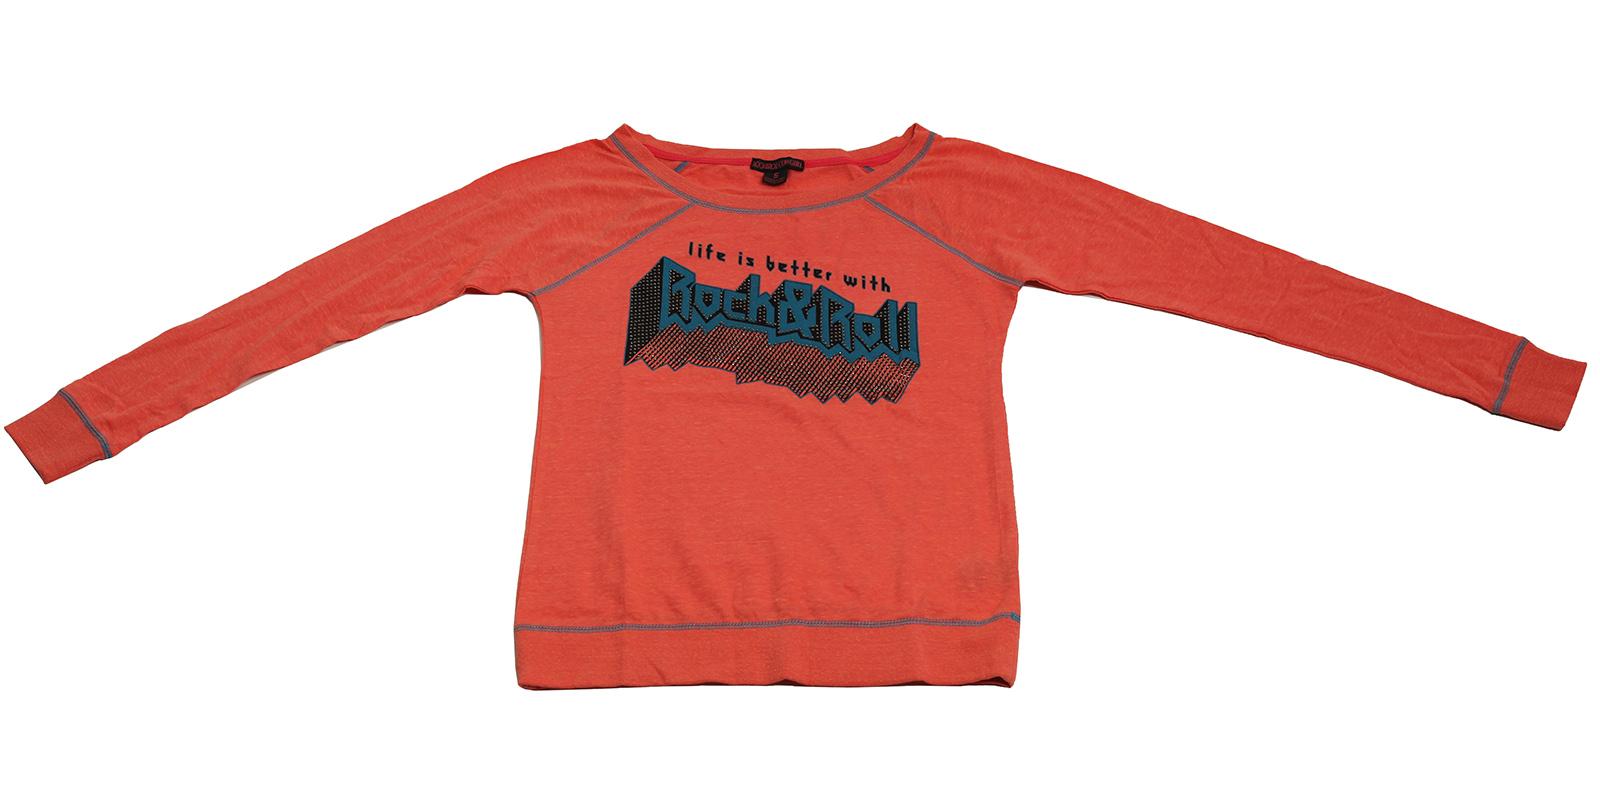 Коралловая кофточка Rock&Roll CowGirl - популярная модель со стильной надписью